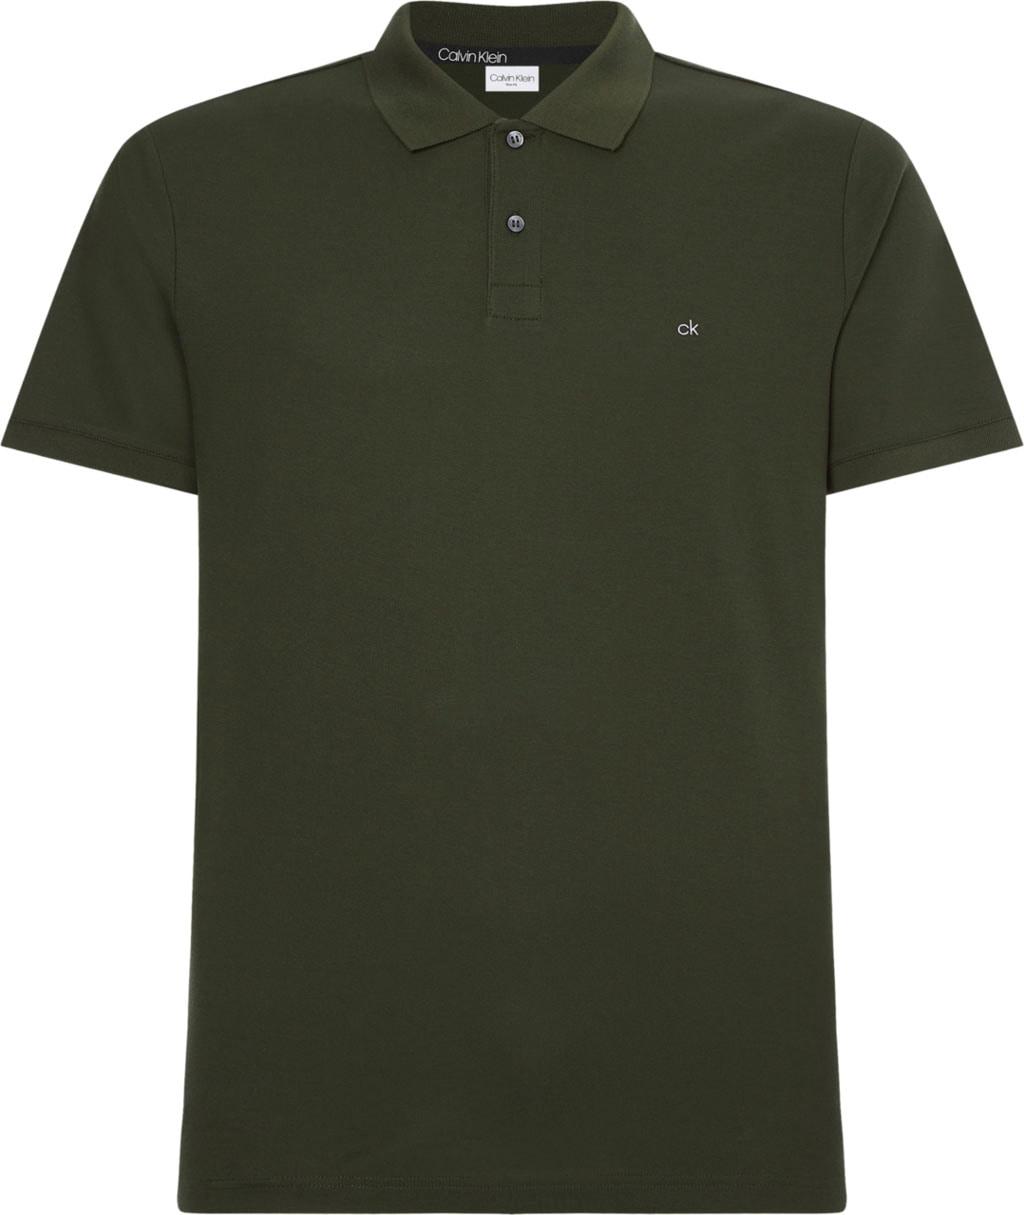 calvin klein -  Poloshirt REFINED PIQUE LOGO SLIM POLO